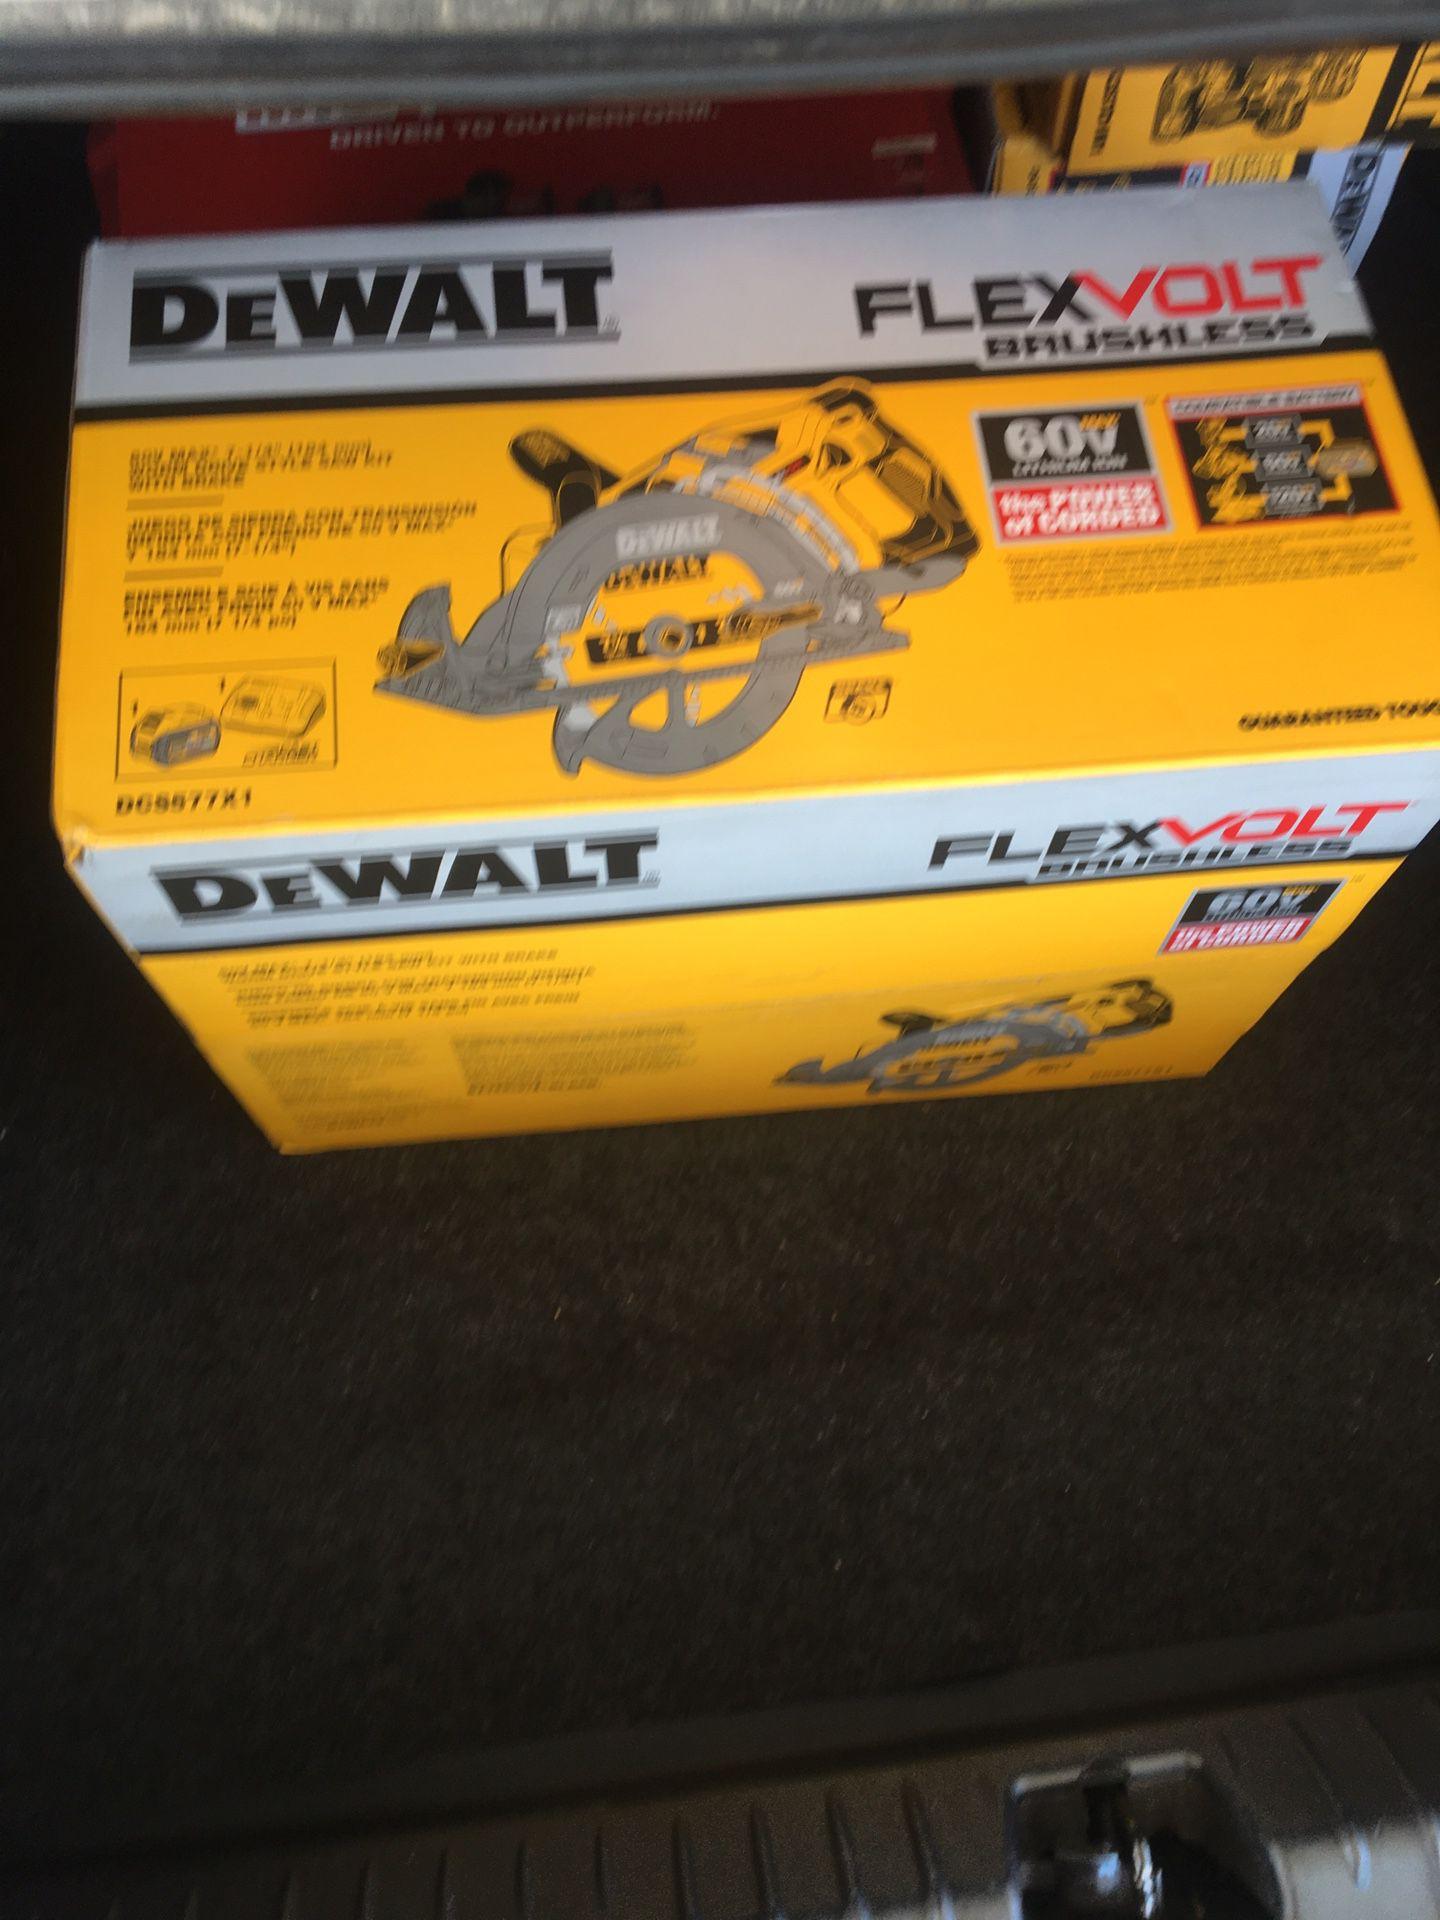 DeWalt flexvolt saw